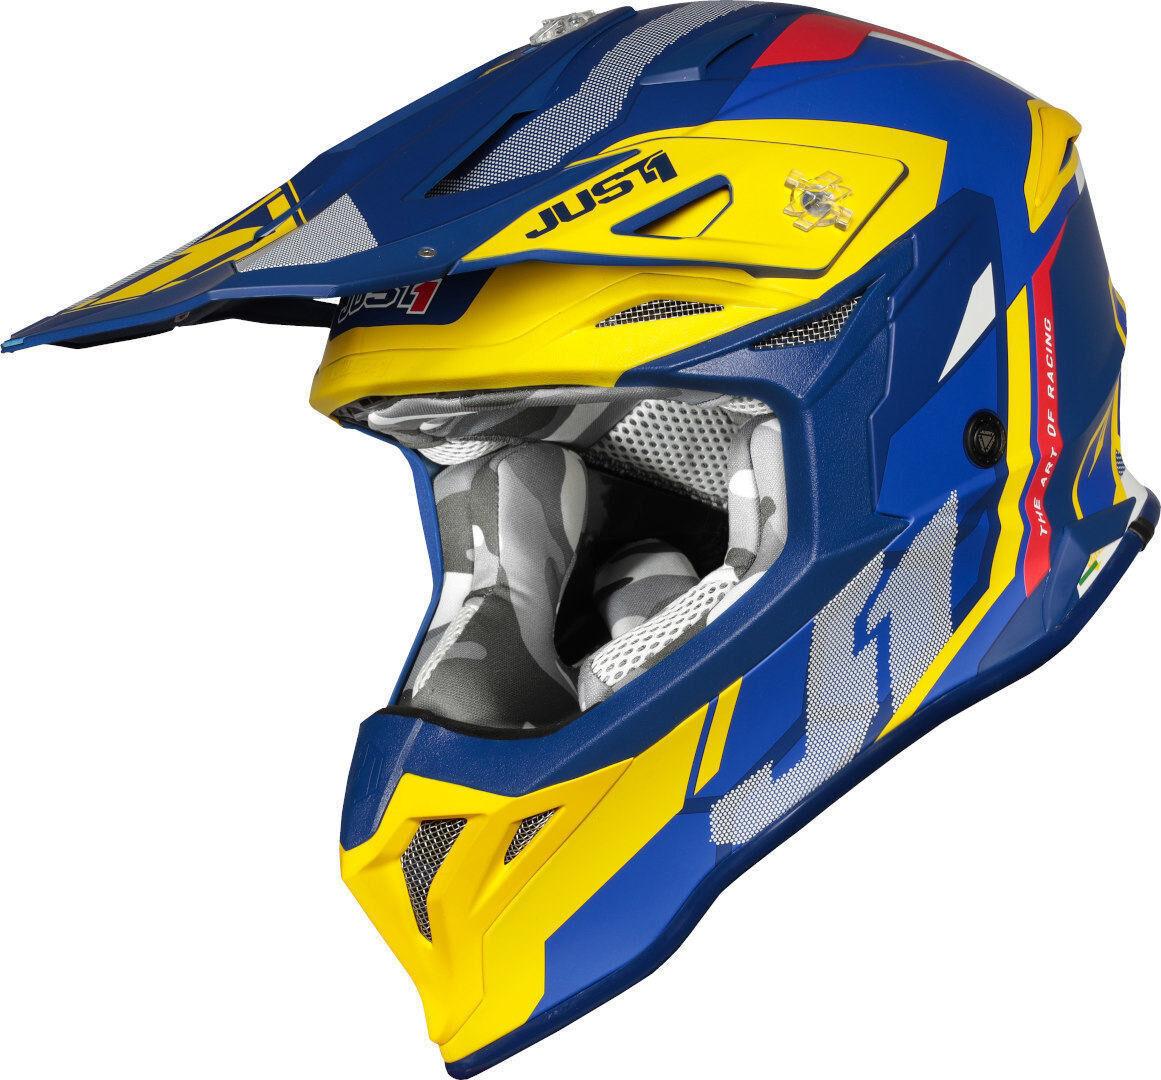 Just1 J39 Reactor Motocross kypärä  - Sininen Keltainen - Size: L